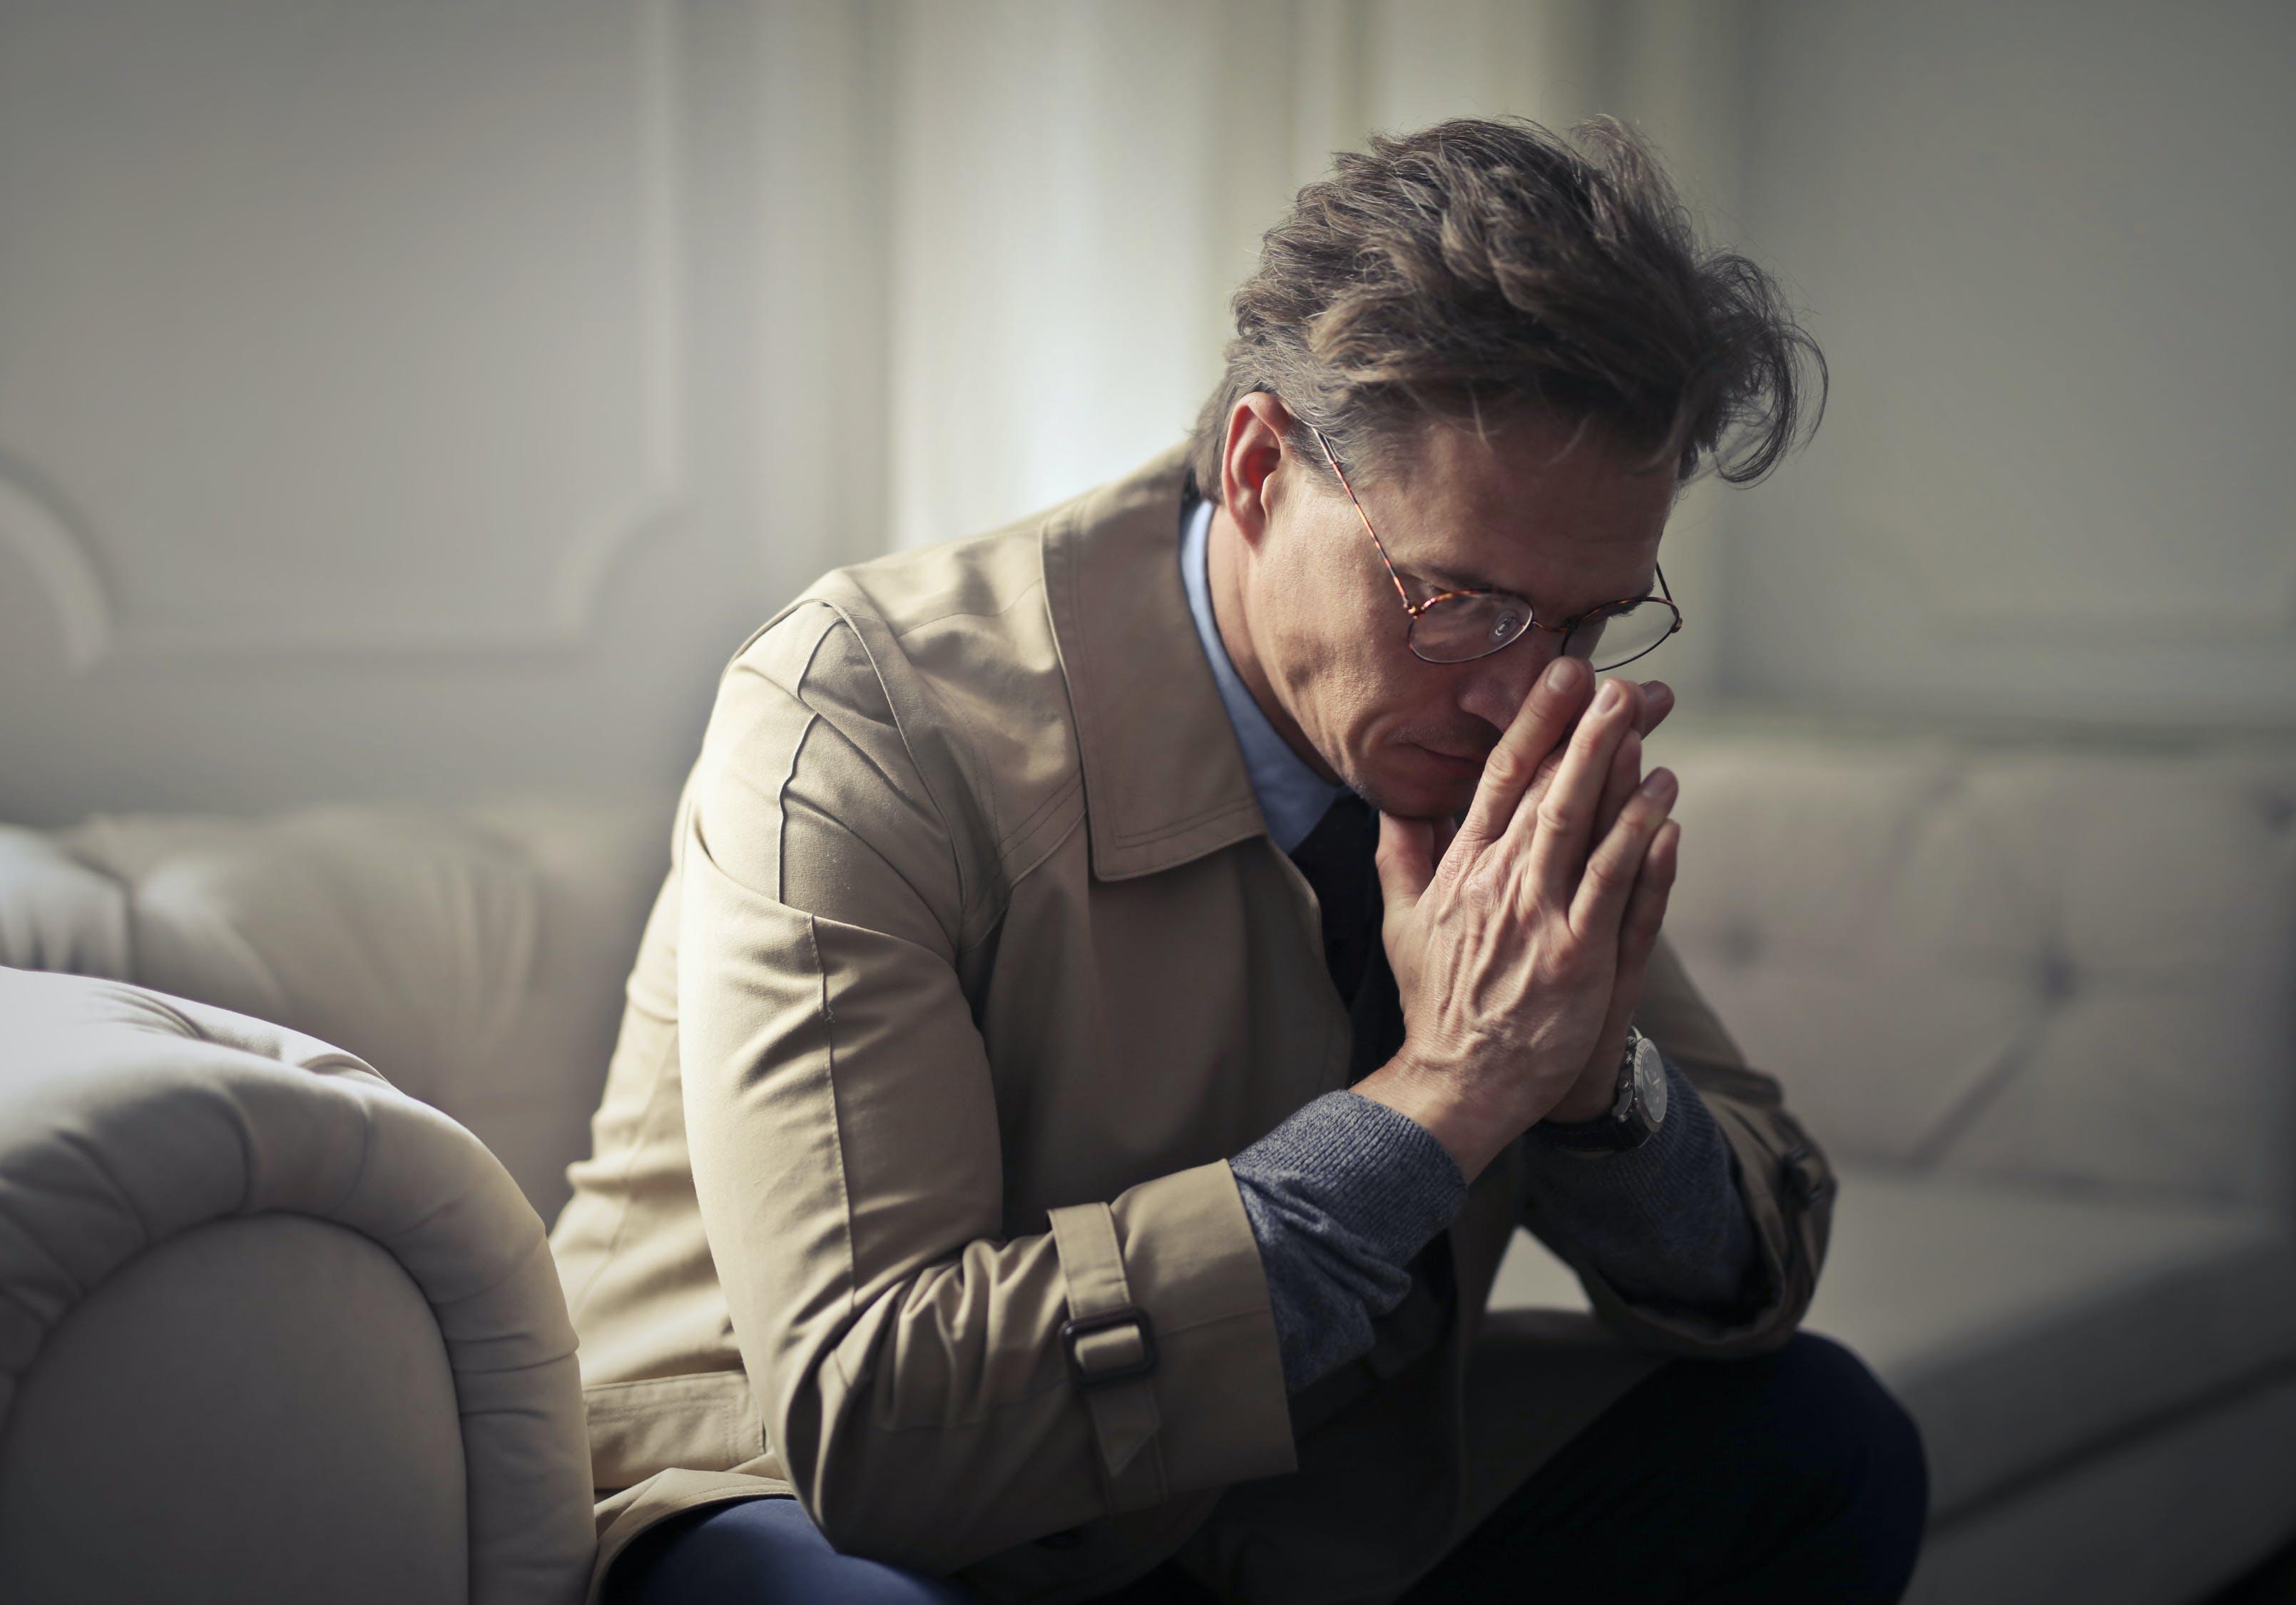 мужчина грустный